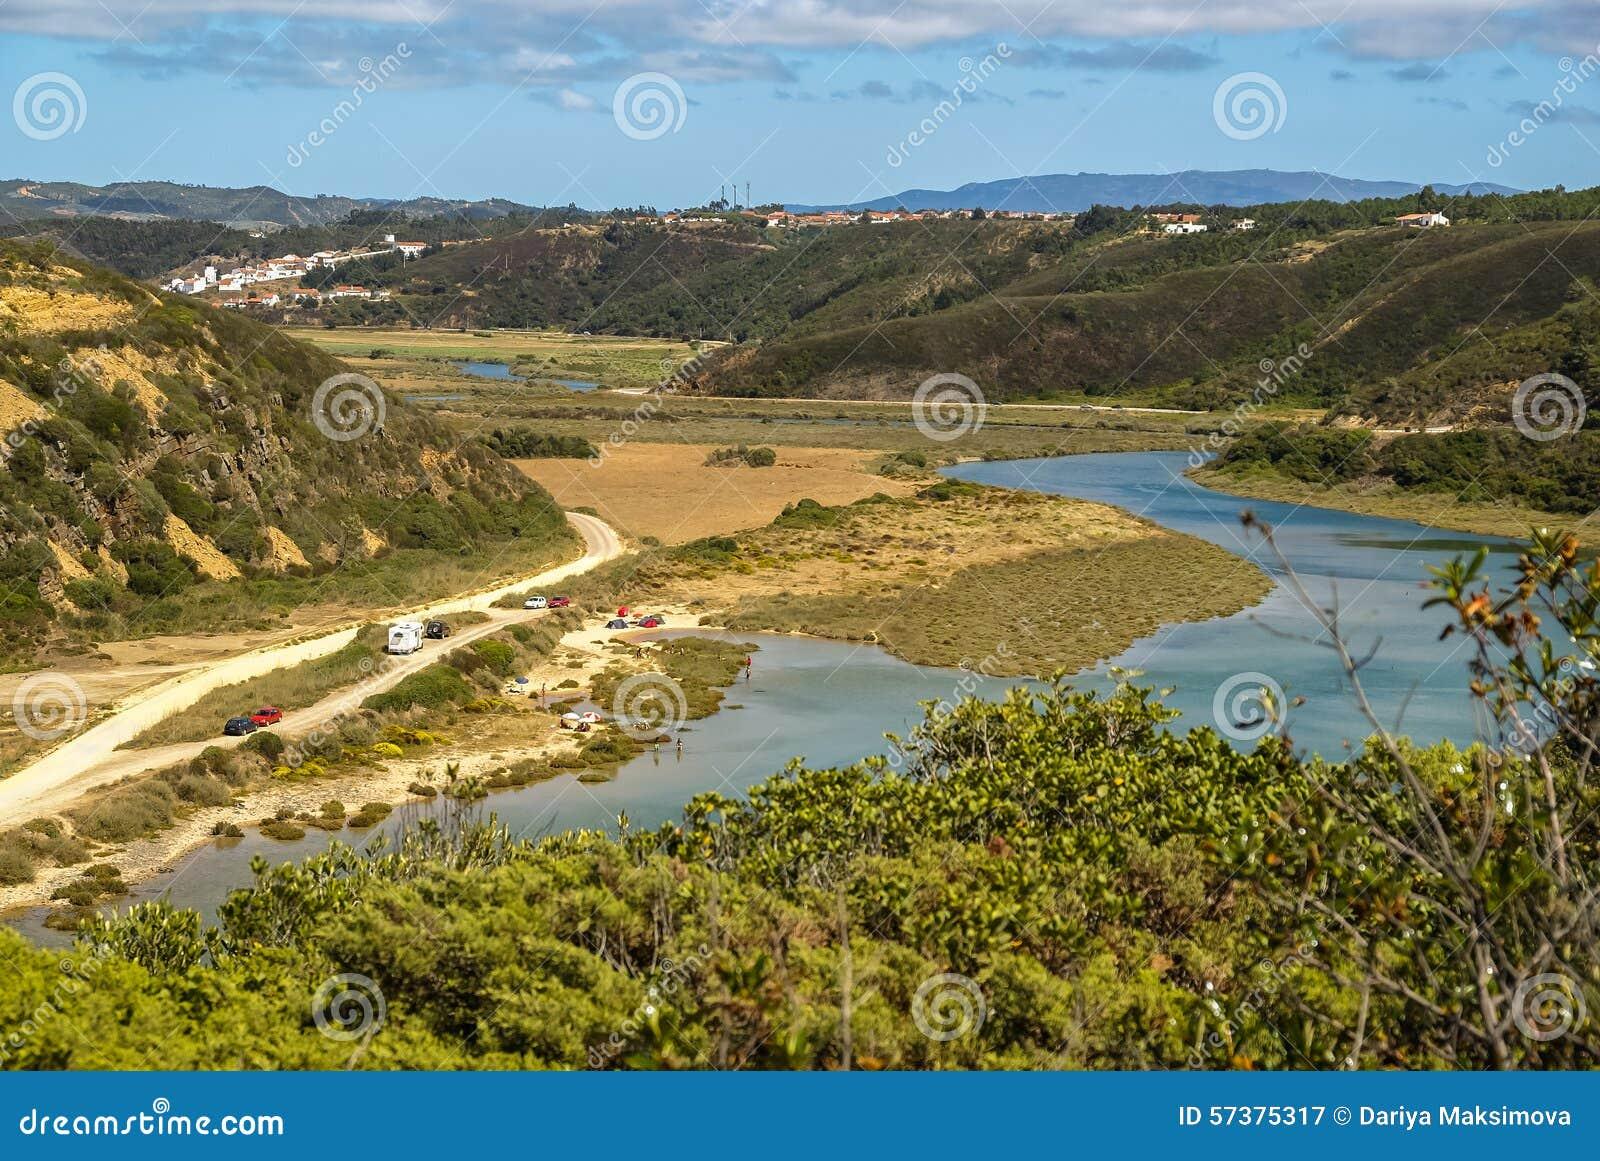 Landschap met rivier Mira bij Vila-nova DE Milfontes, Portugal